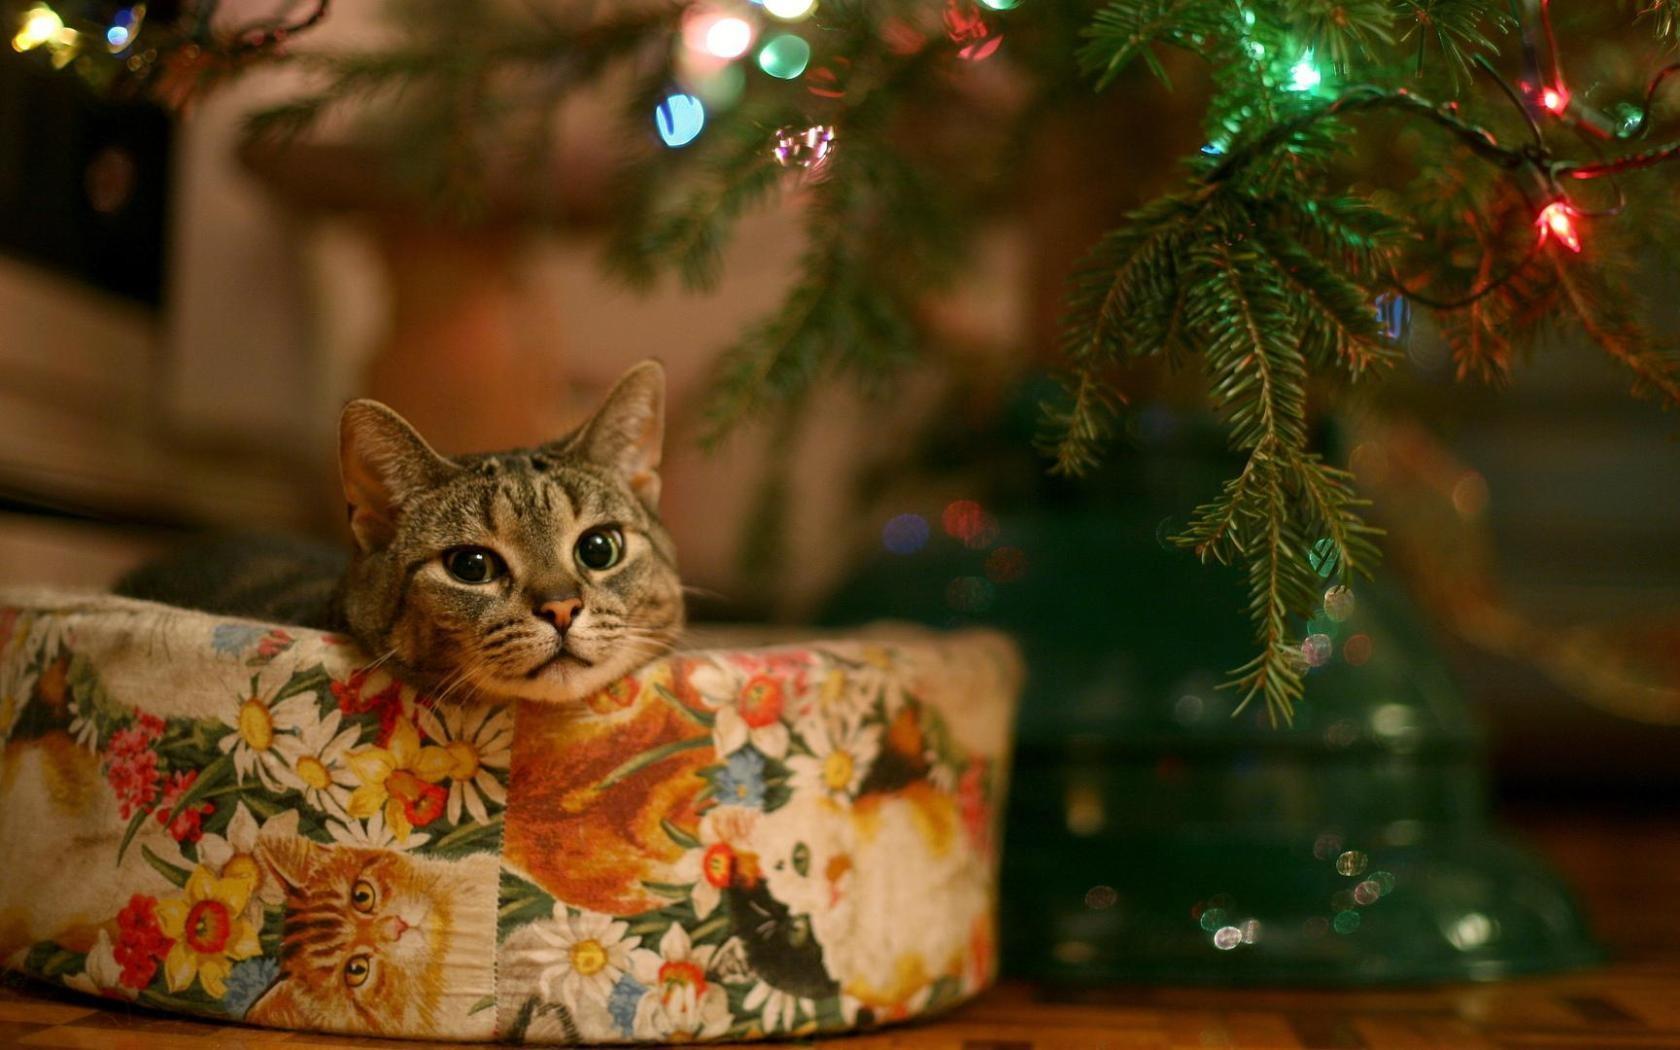 Un gato junto al arbol de navidad - 1680x1050